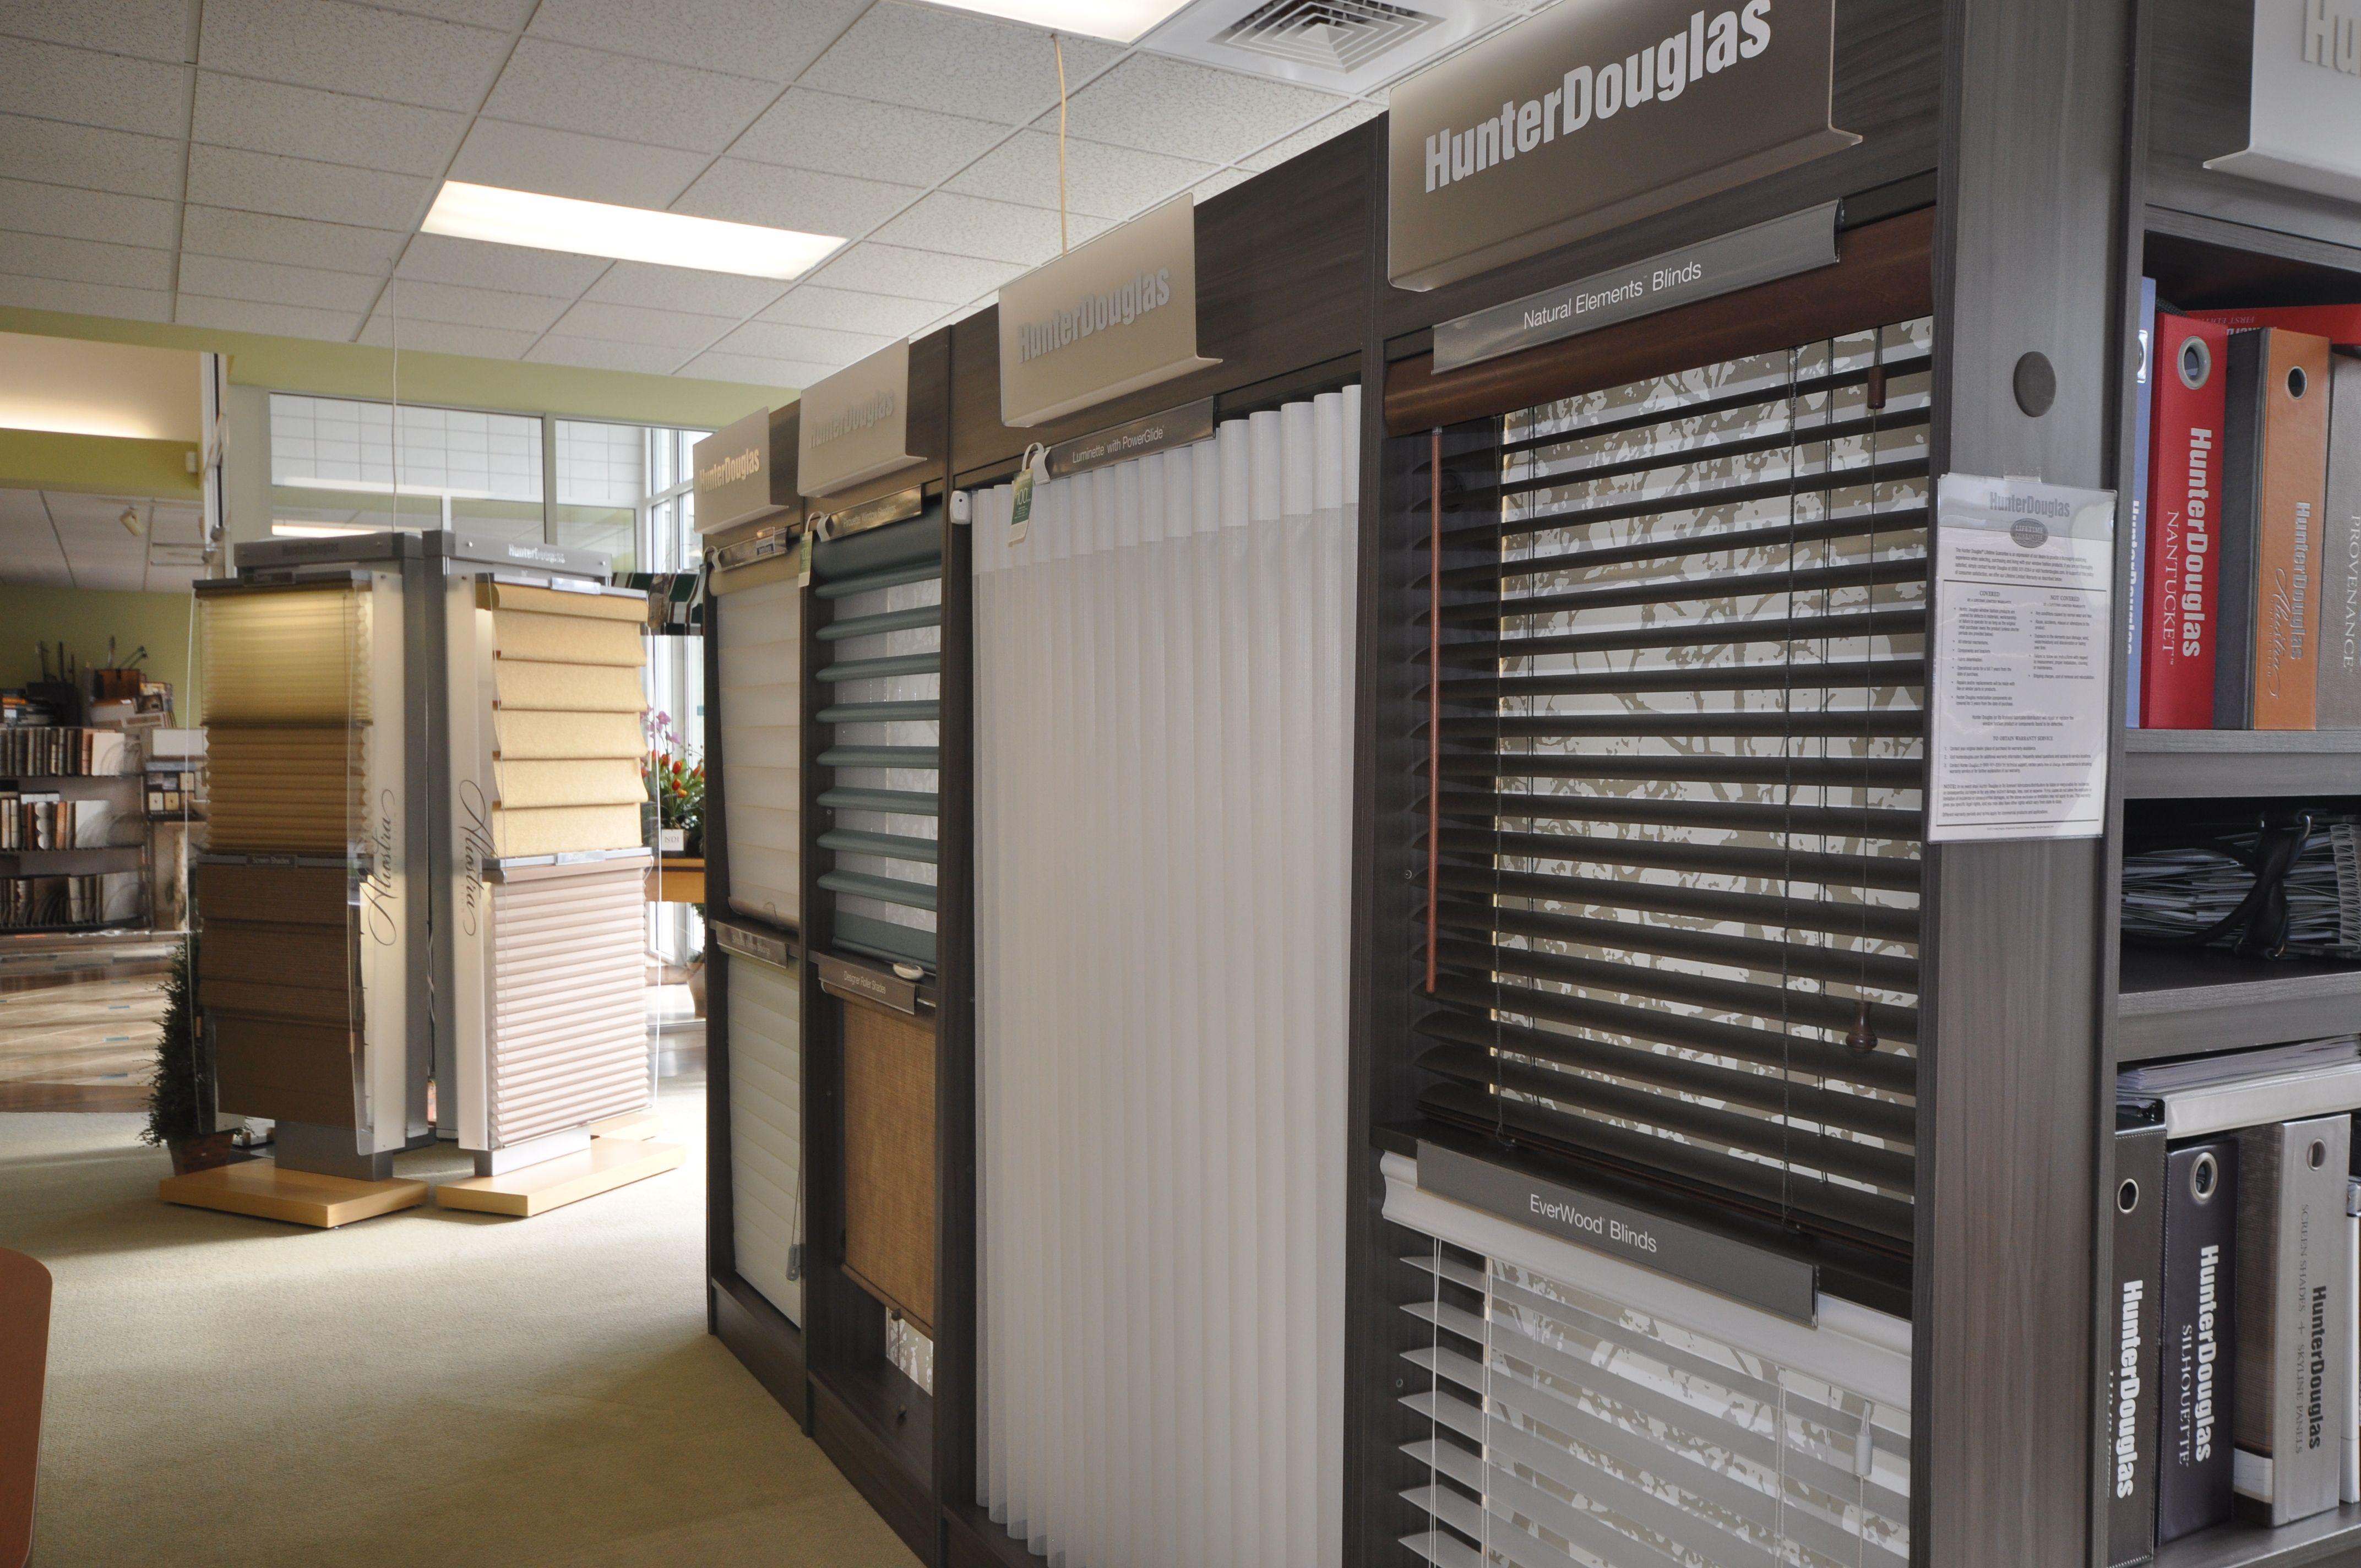 Hunter Douglas Blinds Showroom In 2019 Showroom Design